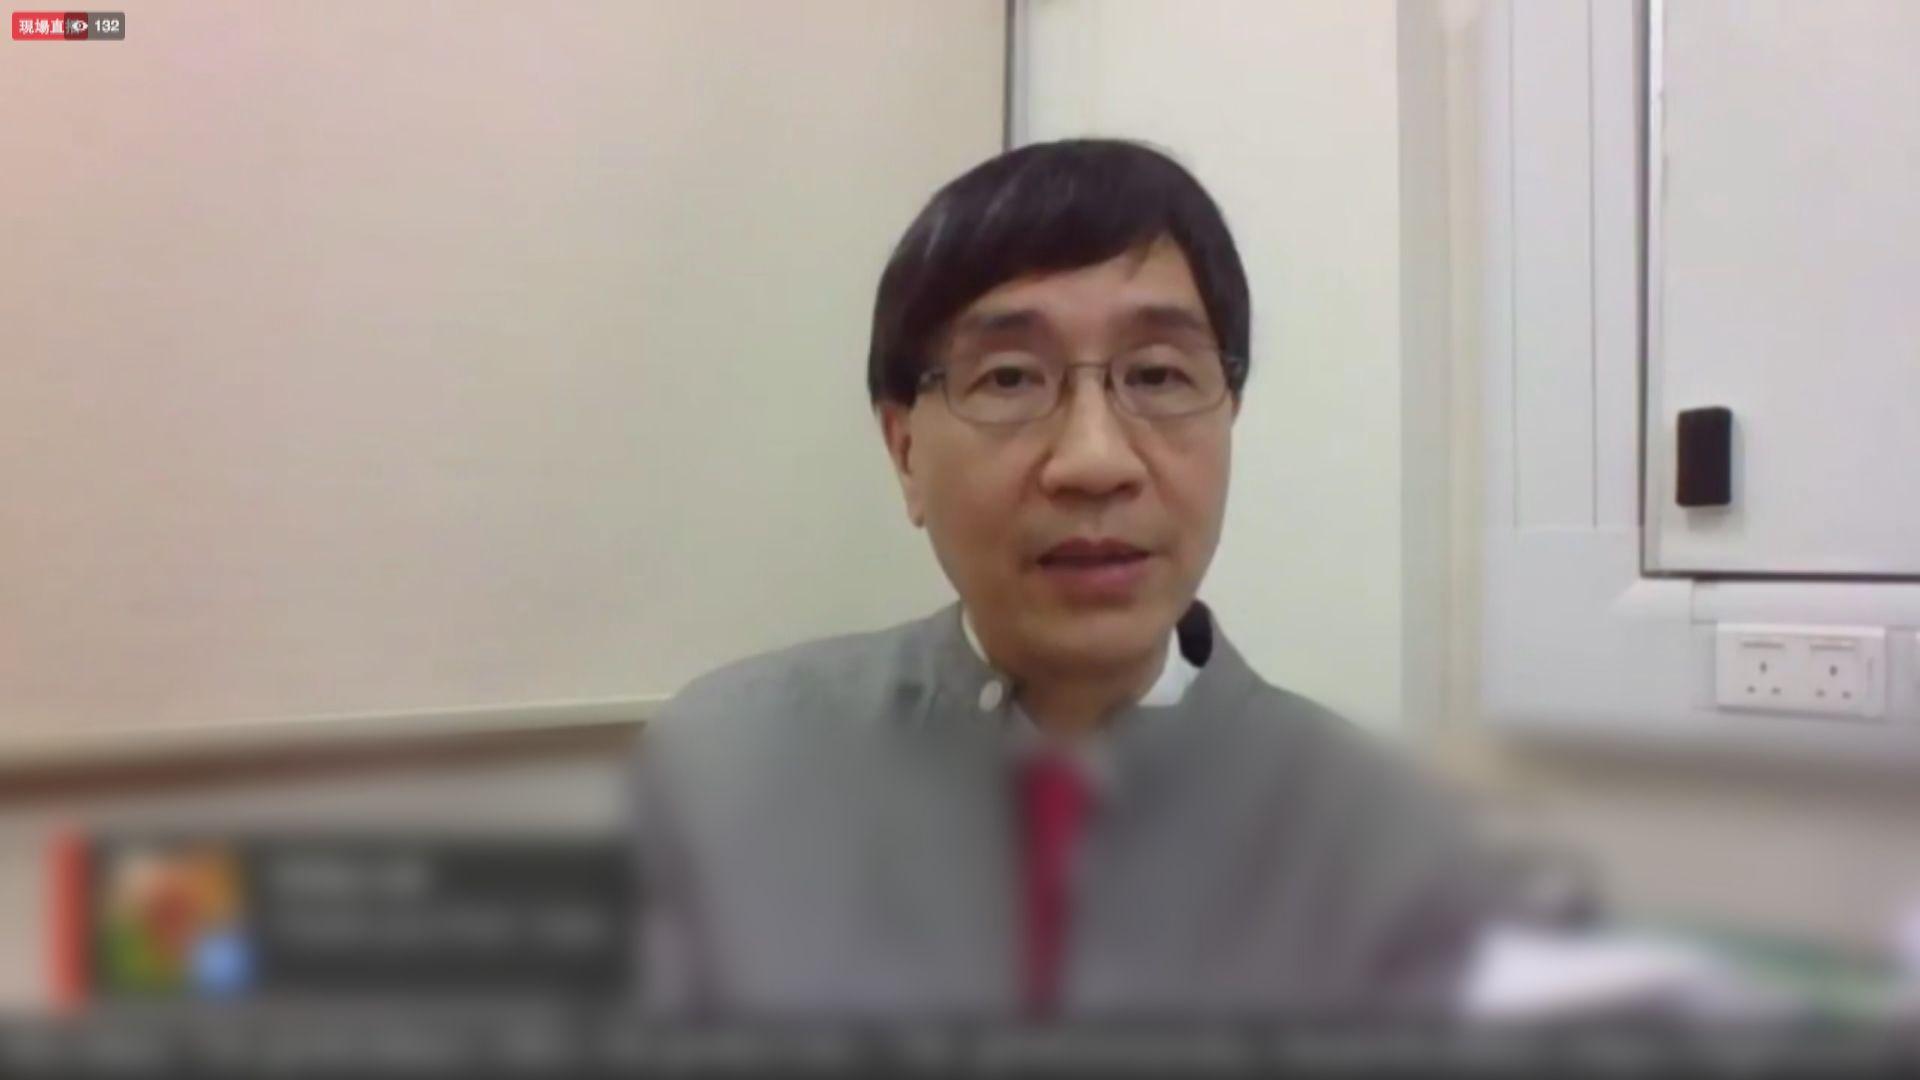 袁國勇:疫情穩定後學校可分階段復課